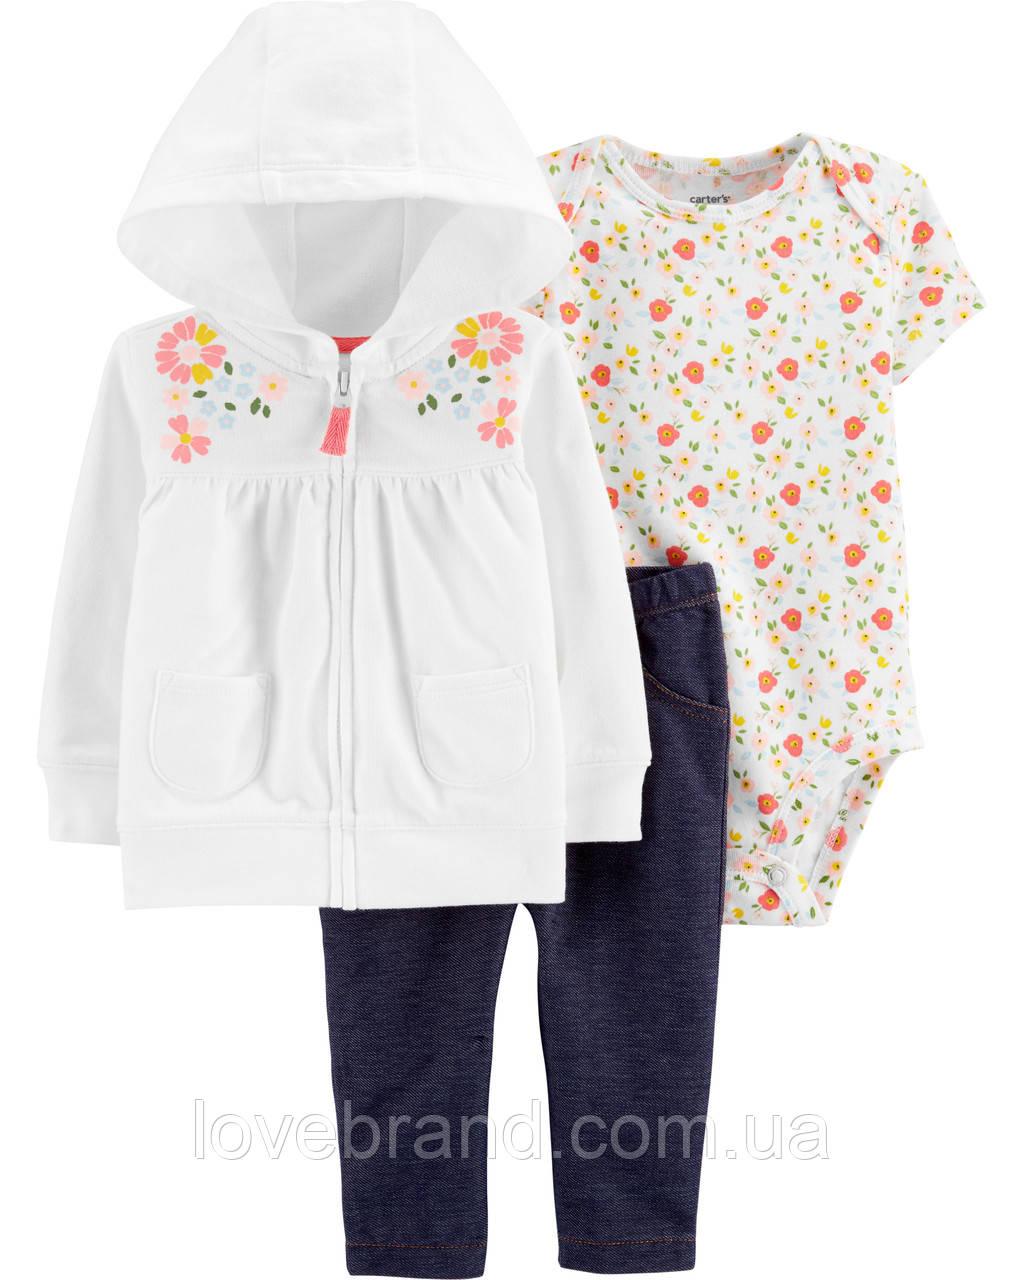 Детский костюм Carter's для новорожденной девочки белый